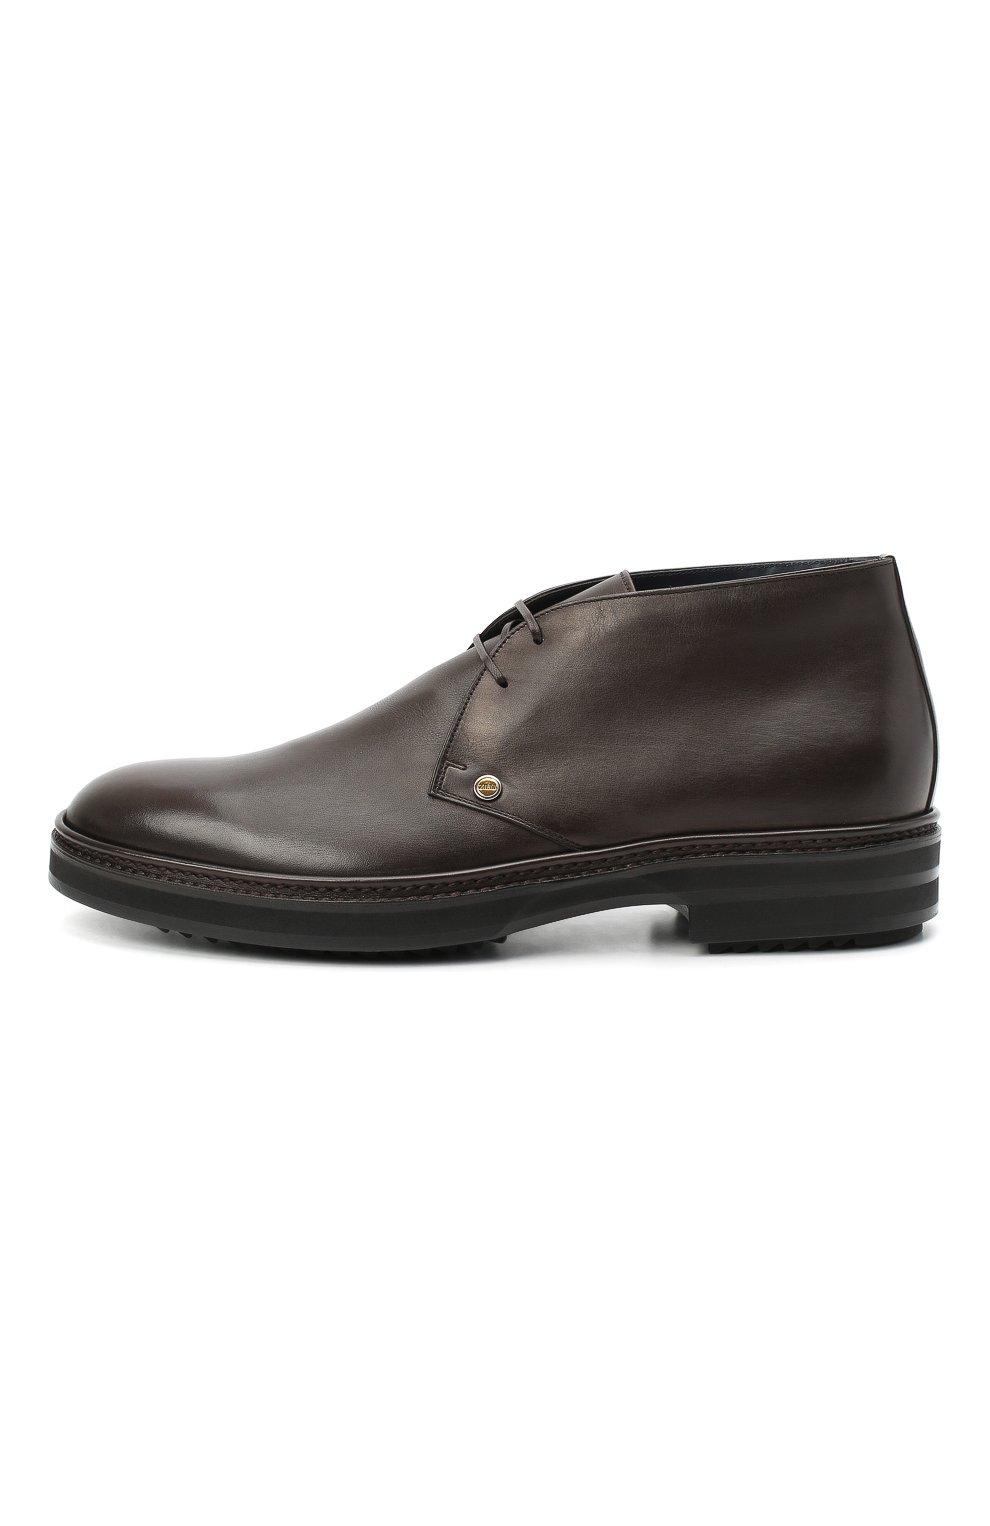 Мужские кожаные ботинки ZILLI коричневого цвета, арт. MDU-A095/005 | Фото 3 (Мужское Кросс-КТ: Ботинки-обувь, Дезерты-обувь; Материал внутренний: Текстиль; Подошва: Массивная)